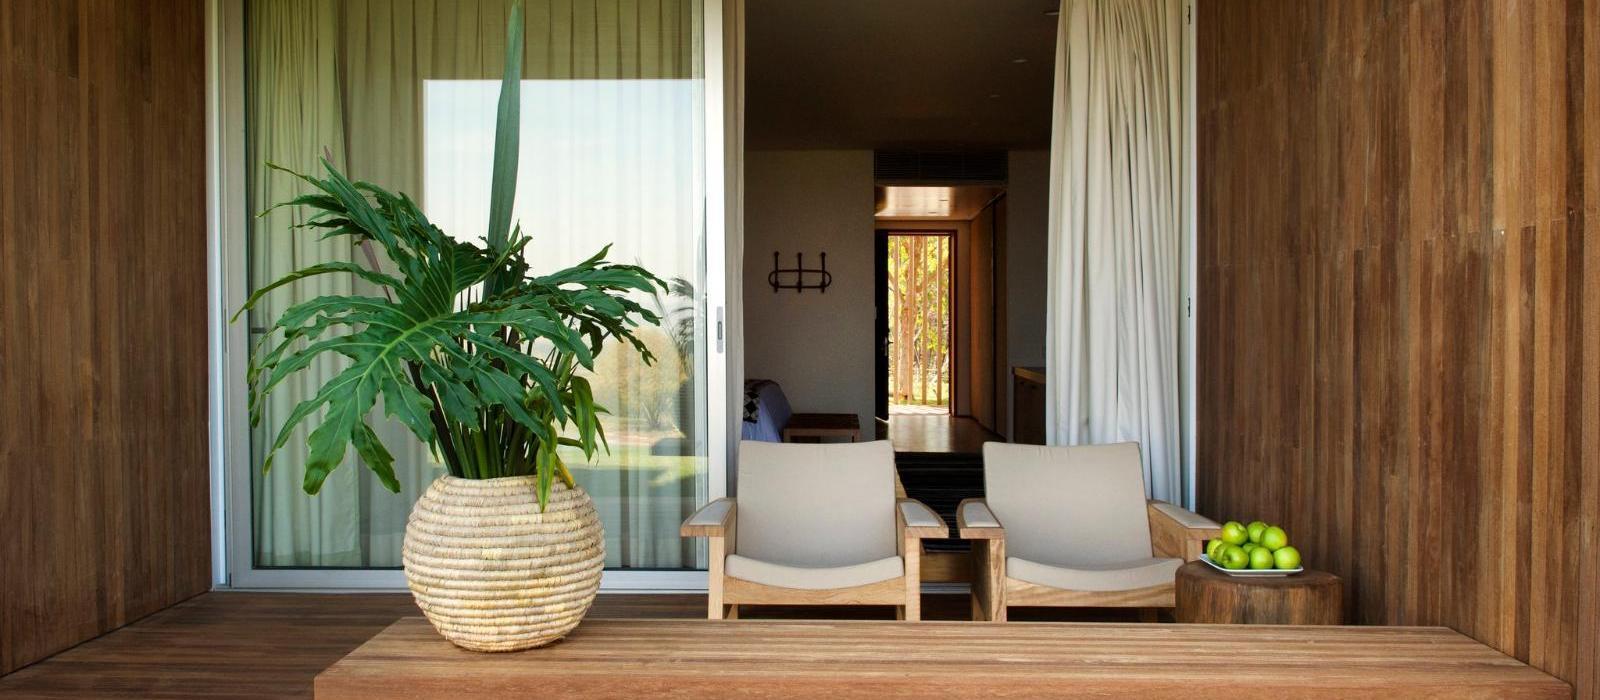 波尔维斯塔法萨诺庄园度假酒店(Hotel Fasano Boa Vista) 图片  www.lhw.cn